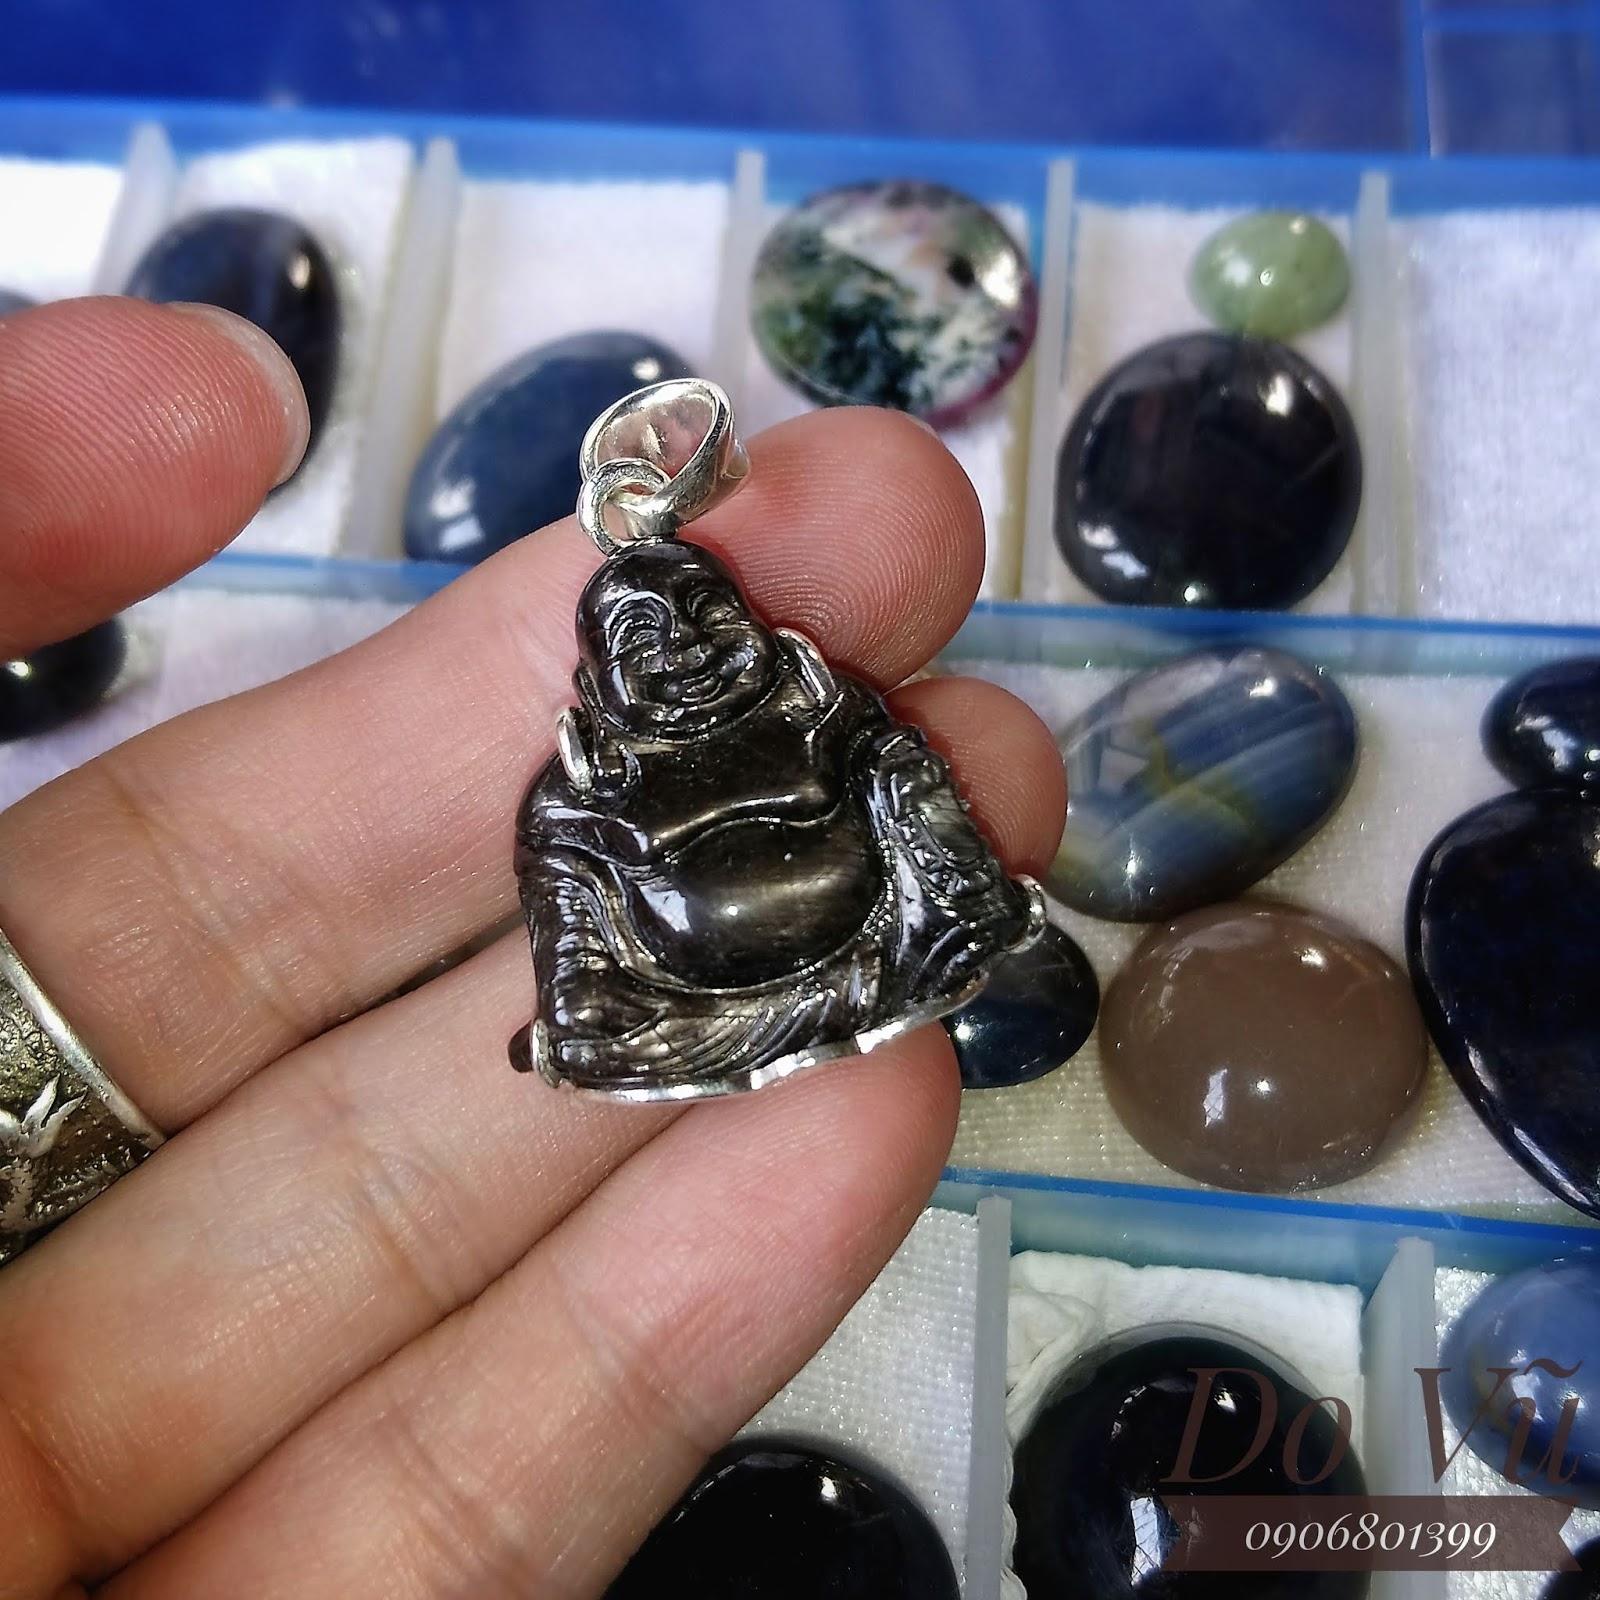 Phật Di Lạc Sapphire thiên nhiên có sao, bọc bạc cao cấp